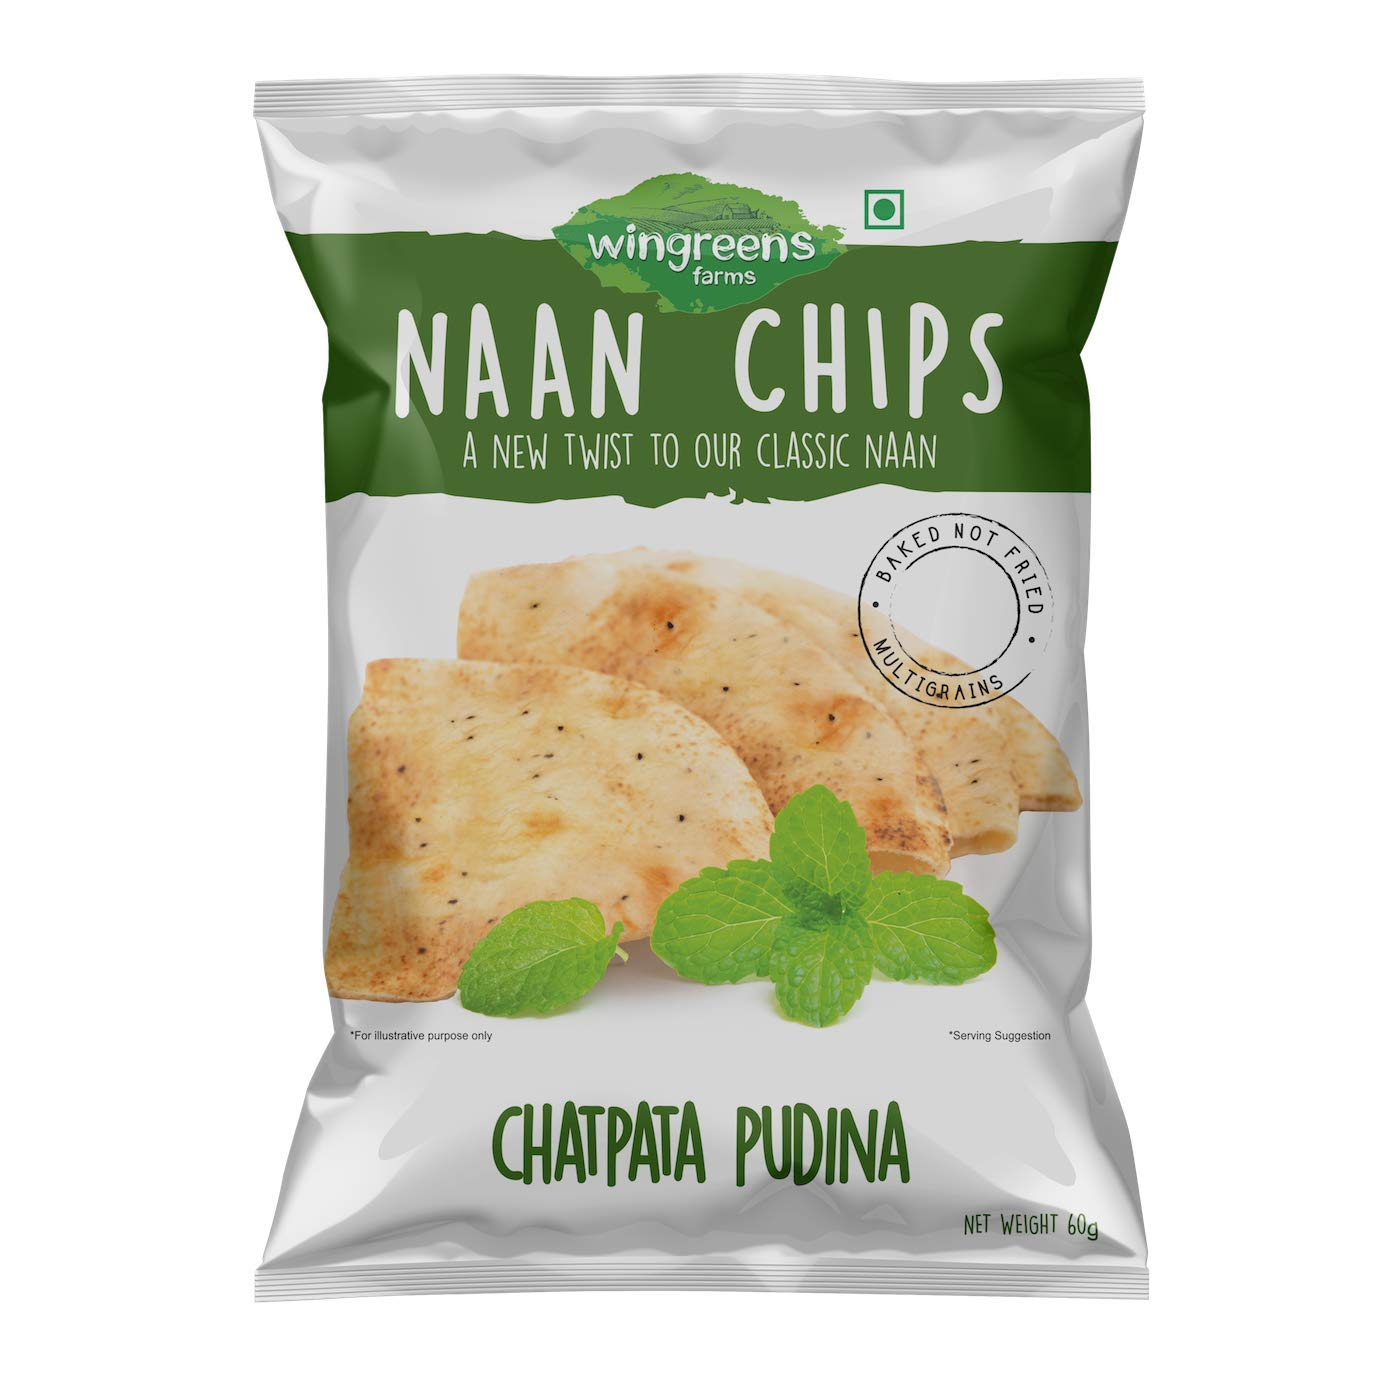 NAAN CHIPS CHATPATA PUDINA